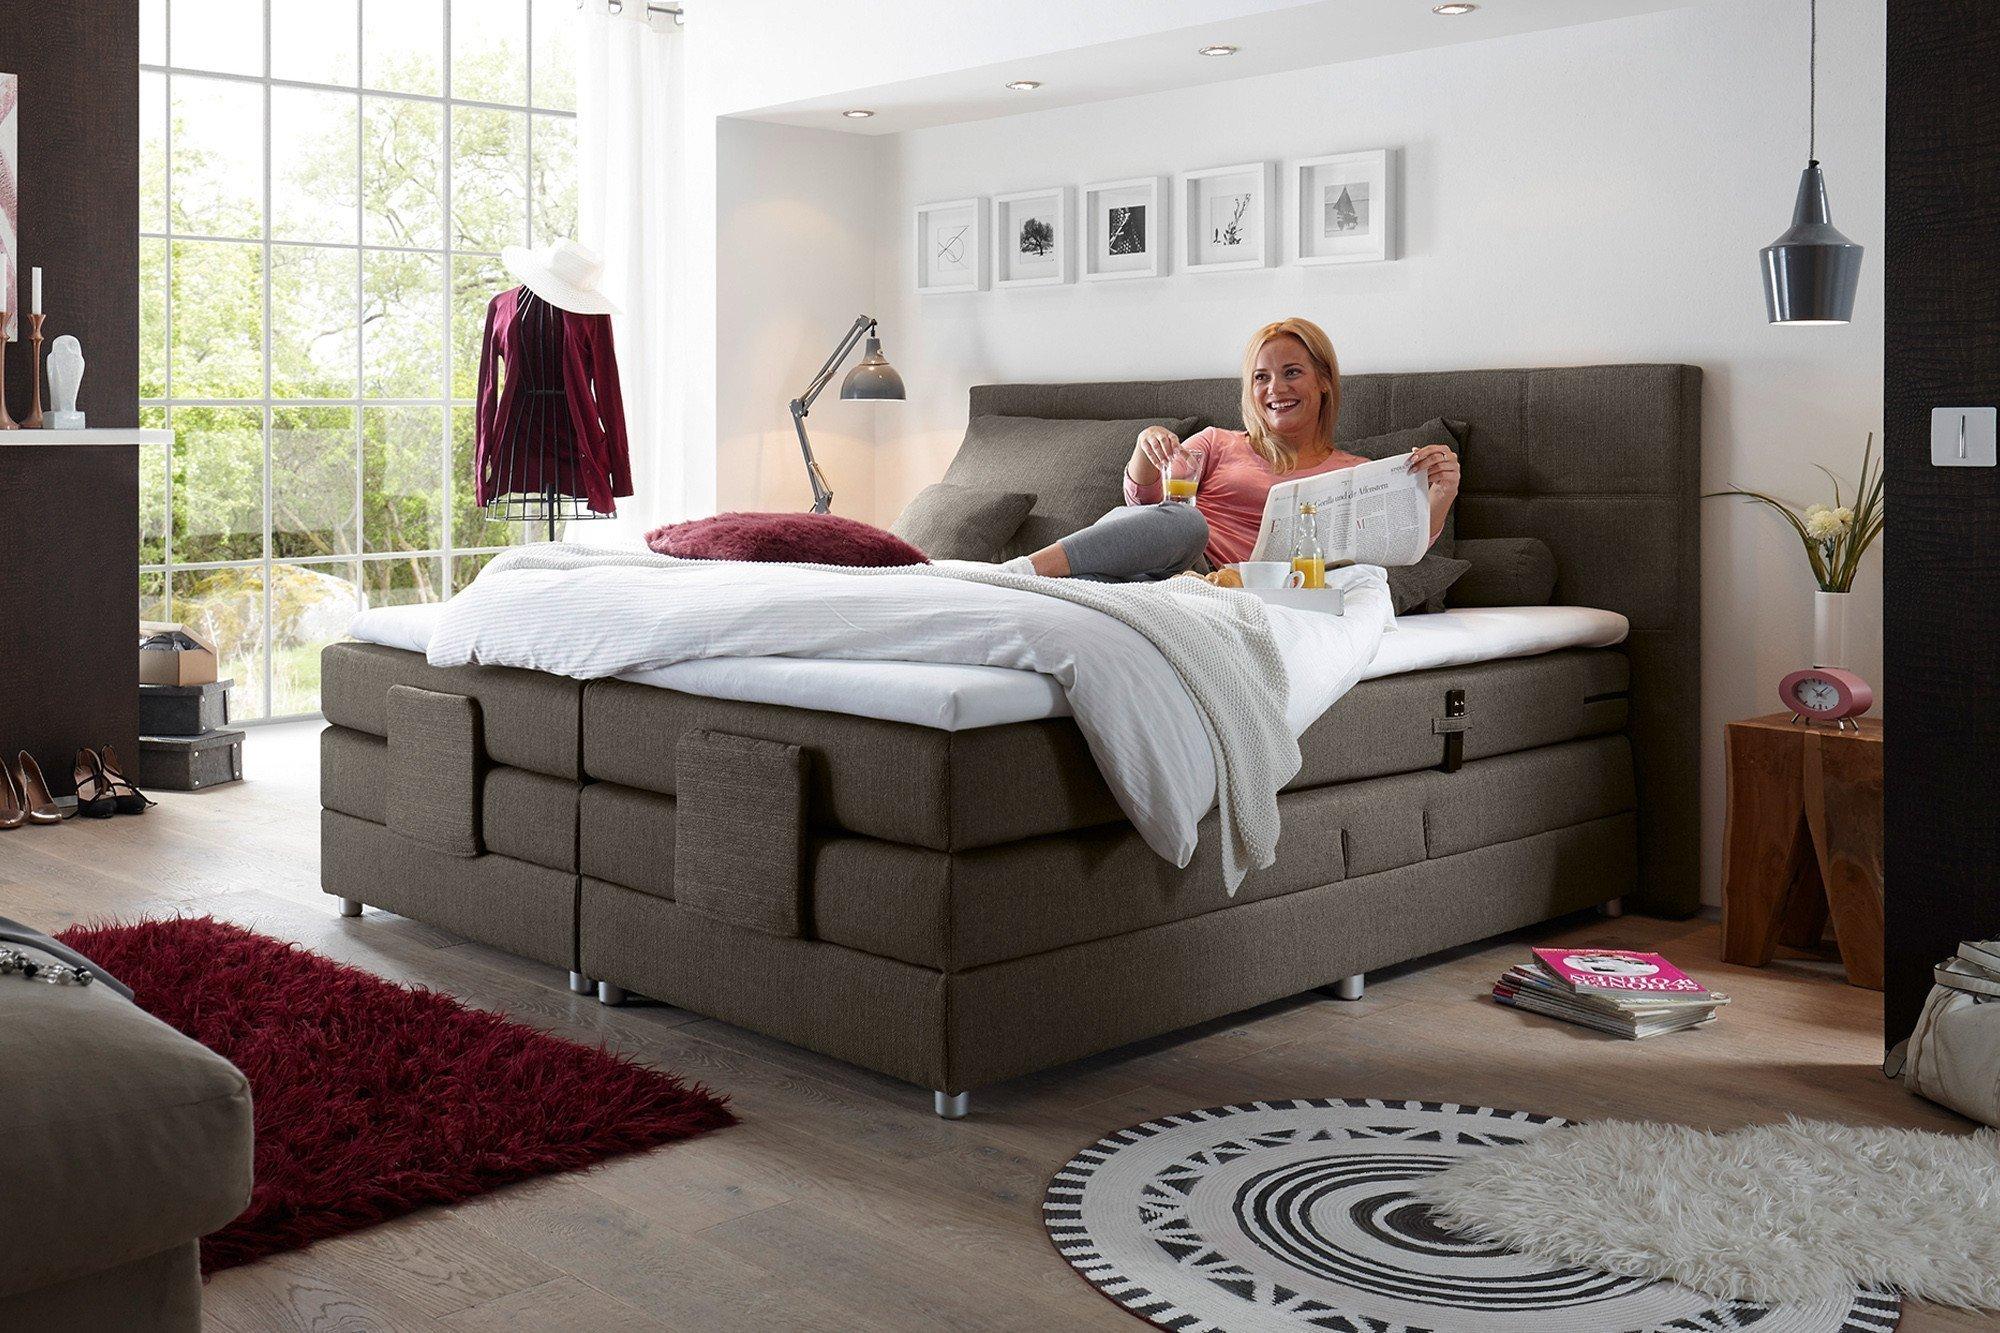 black red white boxspringbett manolo juliann mit motorischer funktion m bel letz ihr. Black Bedroom Furniture Sets. Home Design Ideas